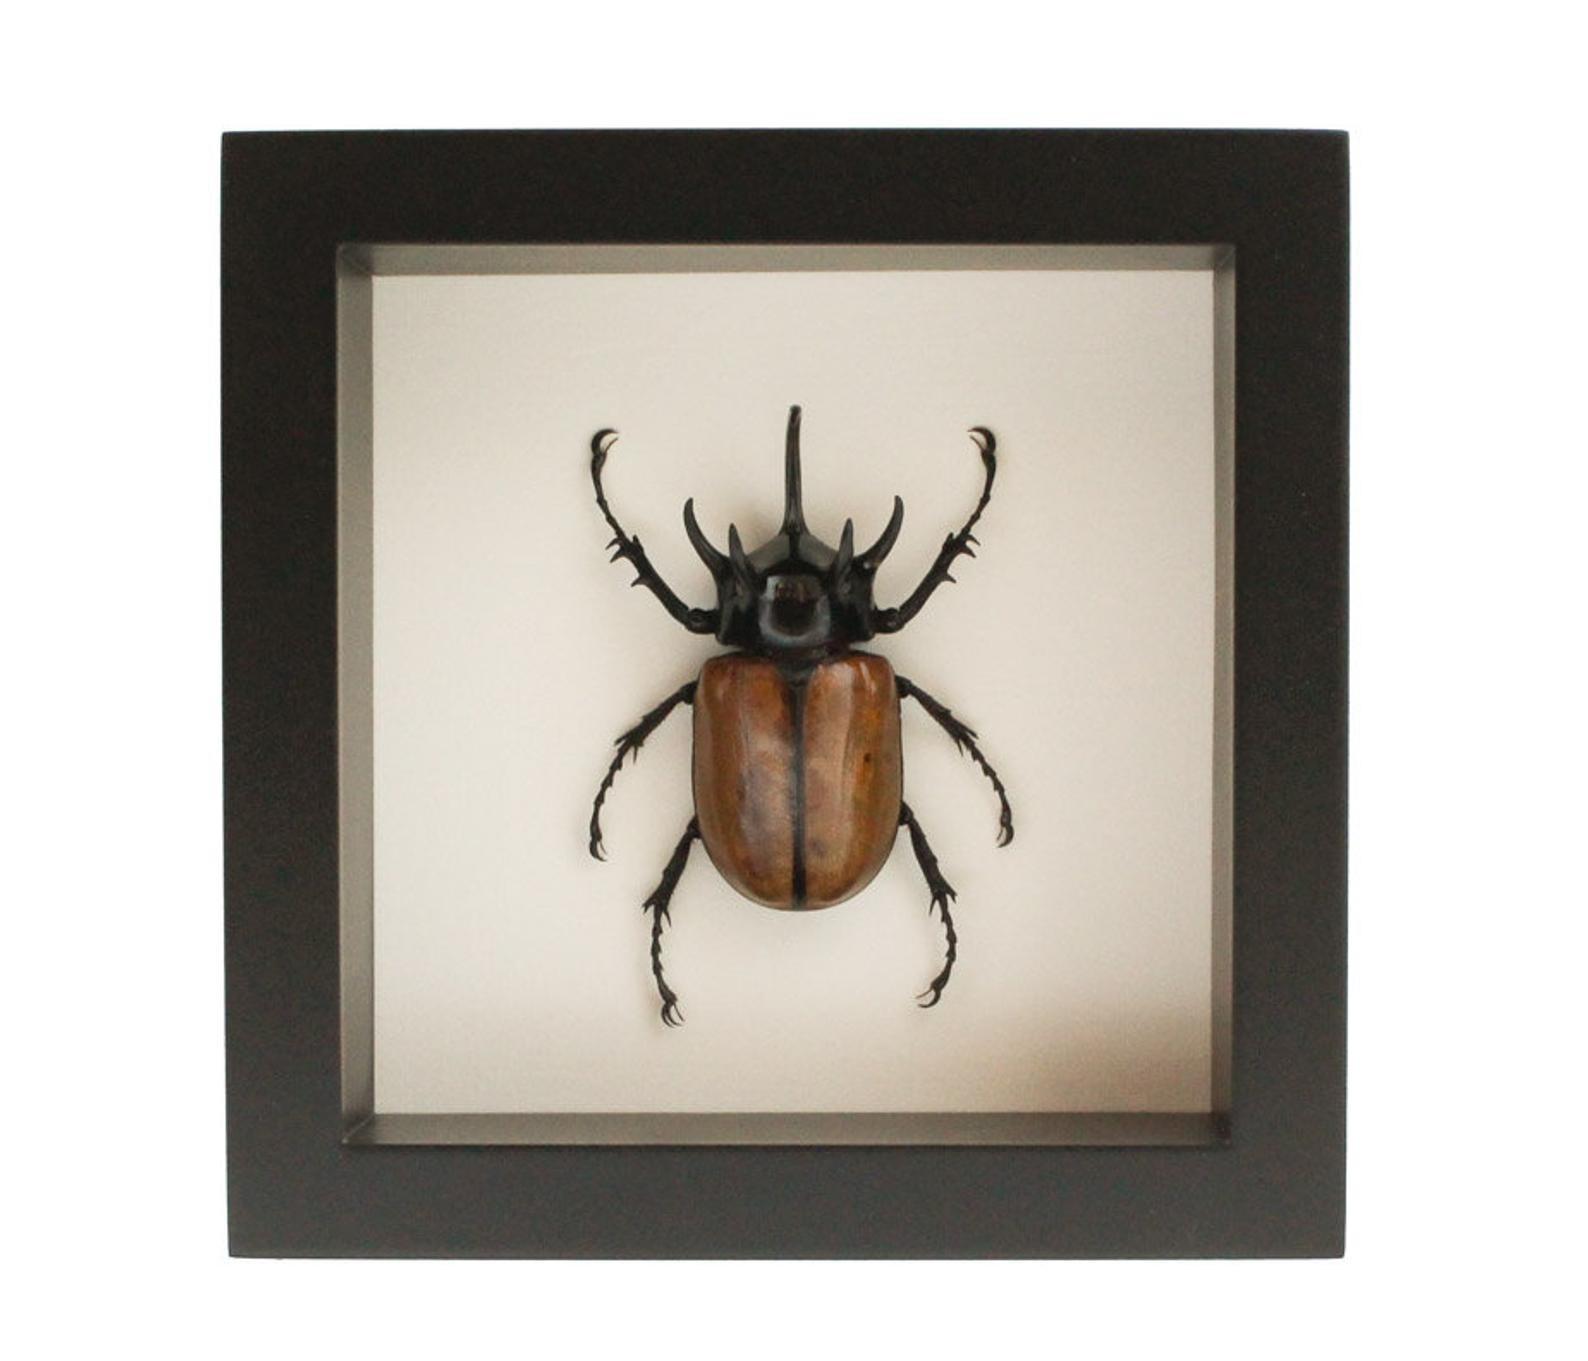 a rhino beetle in a black frame